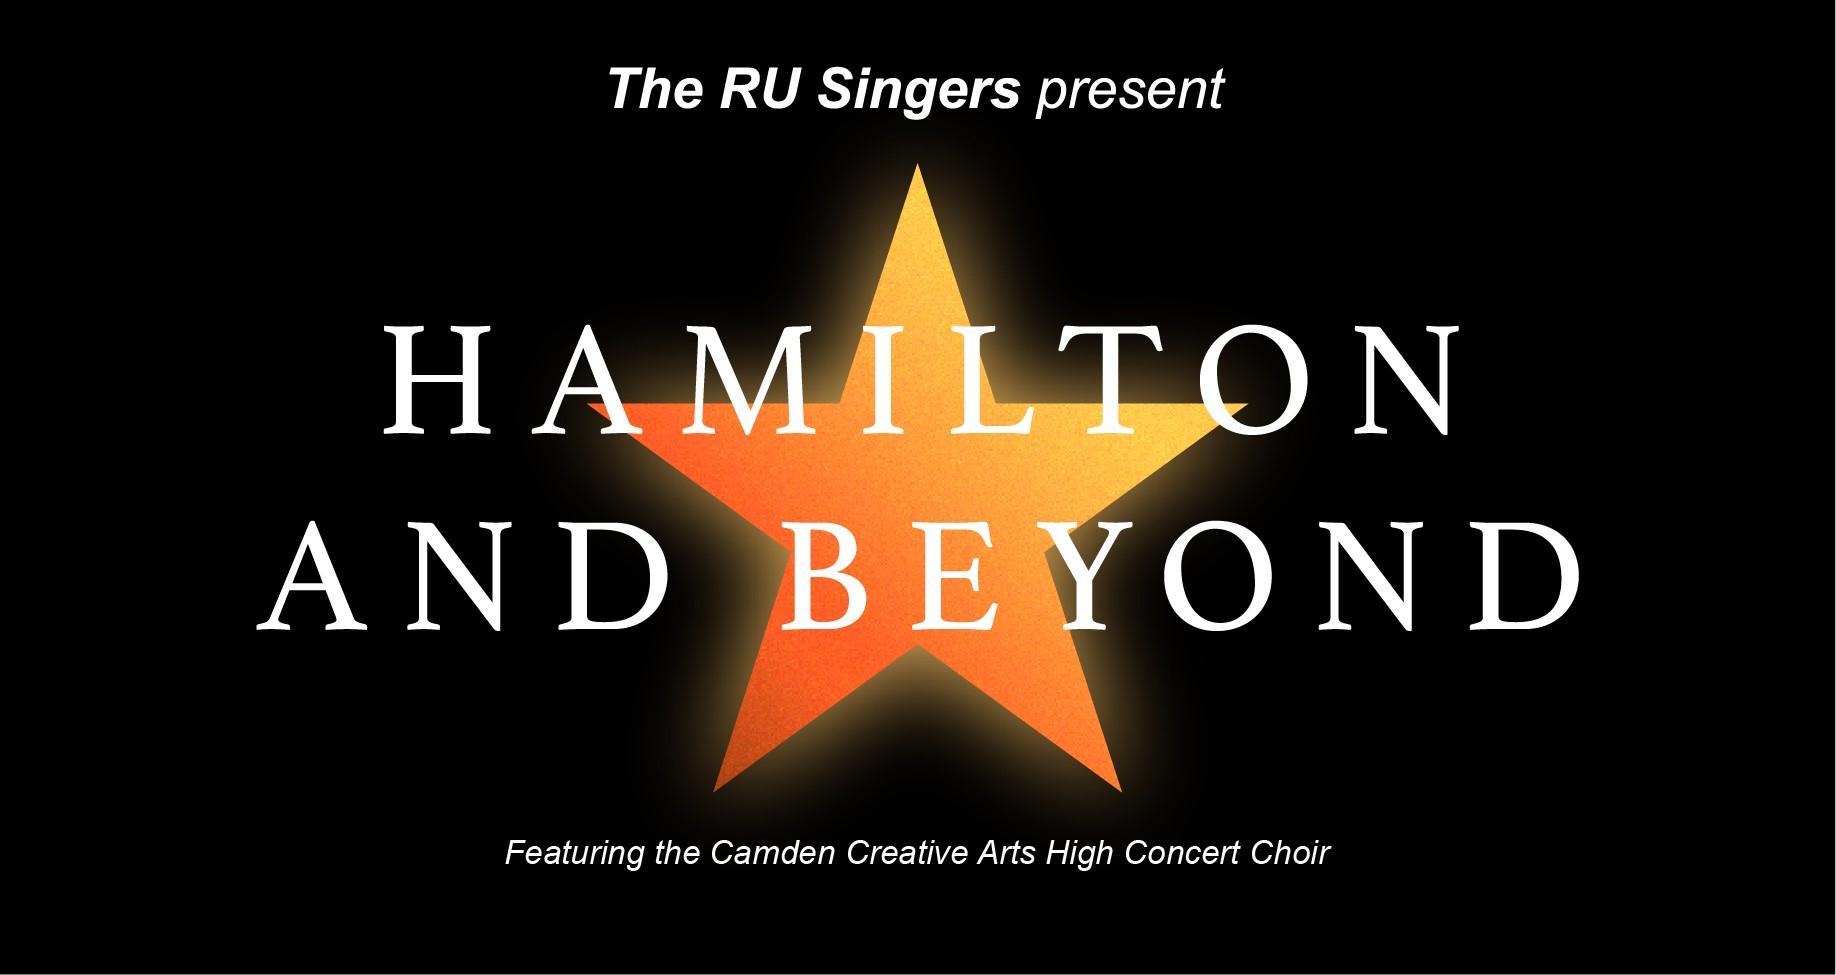 Hamilton and Beyond